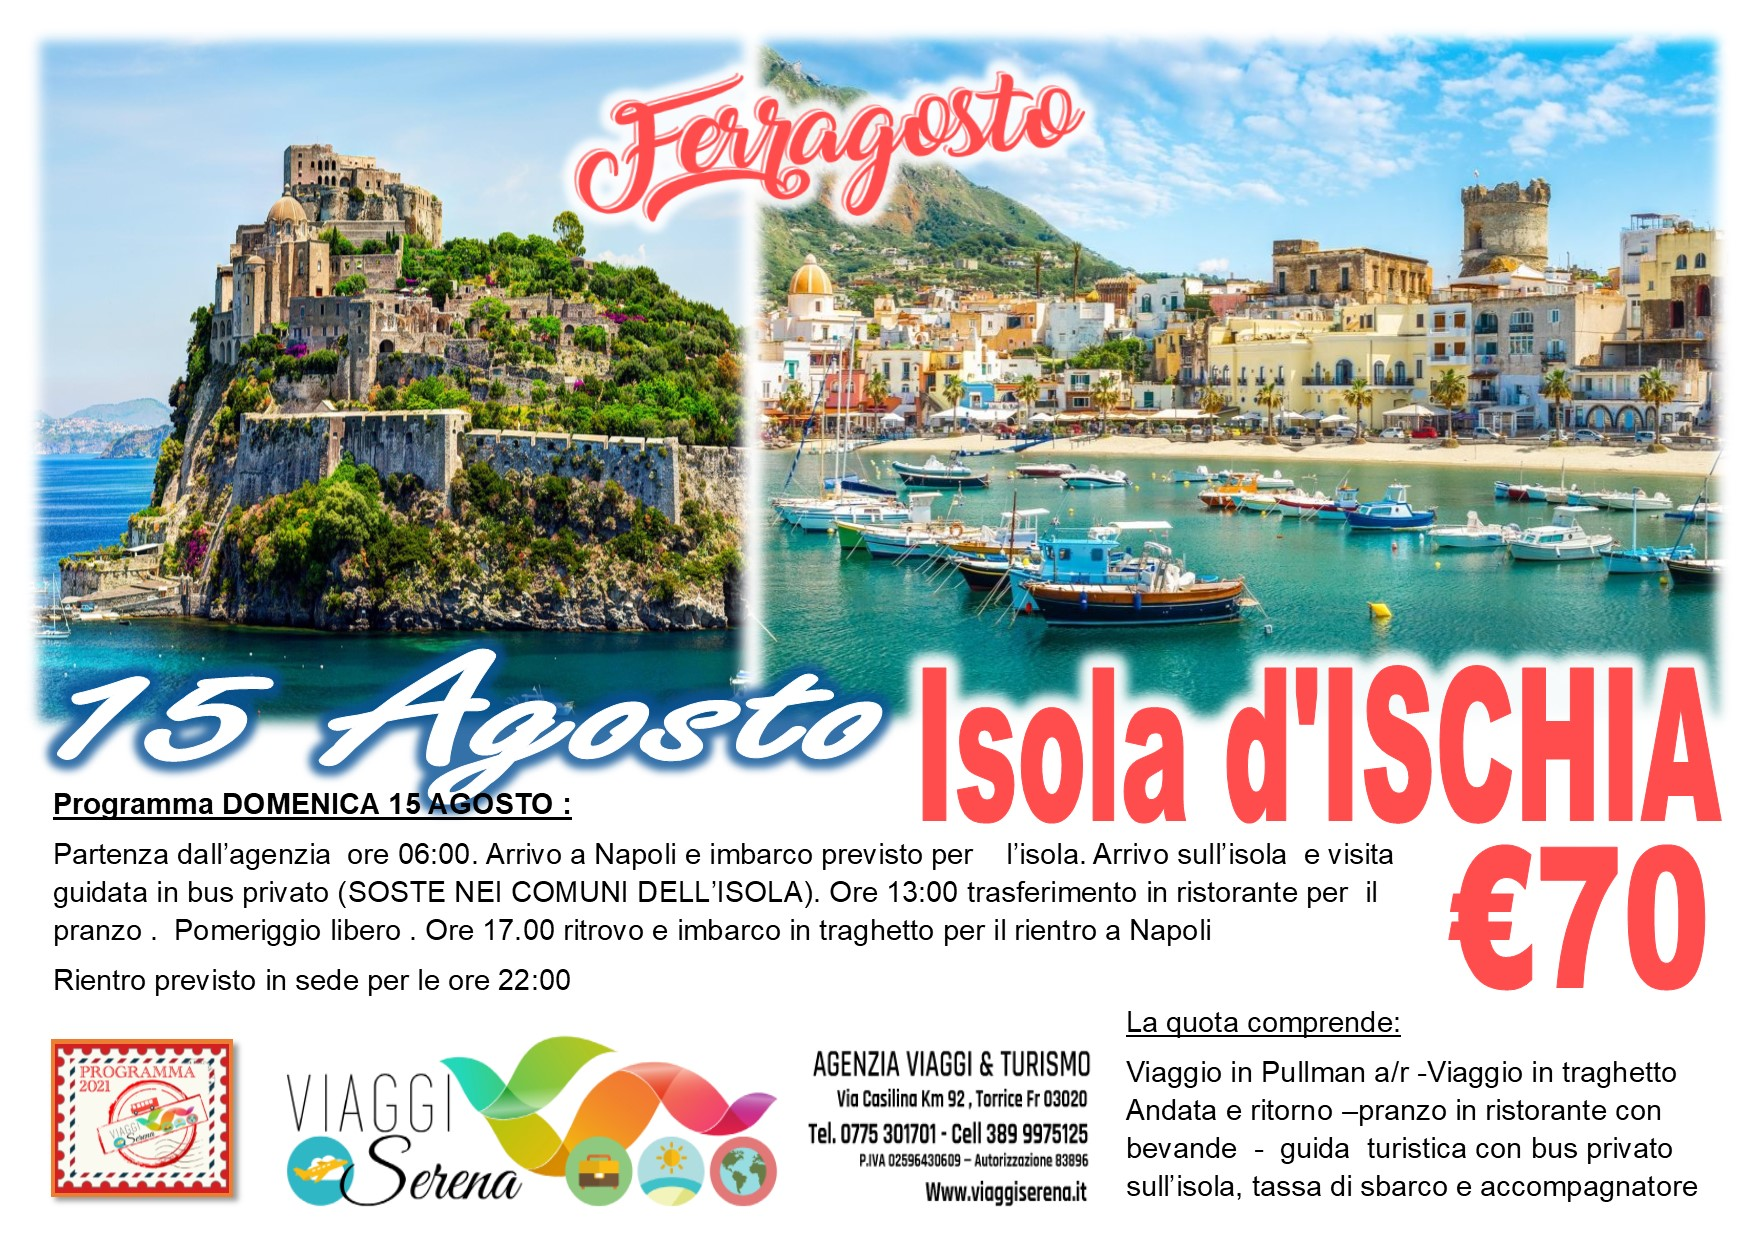 Viaggi di Gruppo: Isola d'ISCHIA 15 Agosto € 70,00